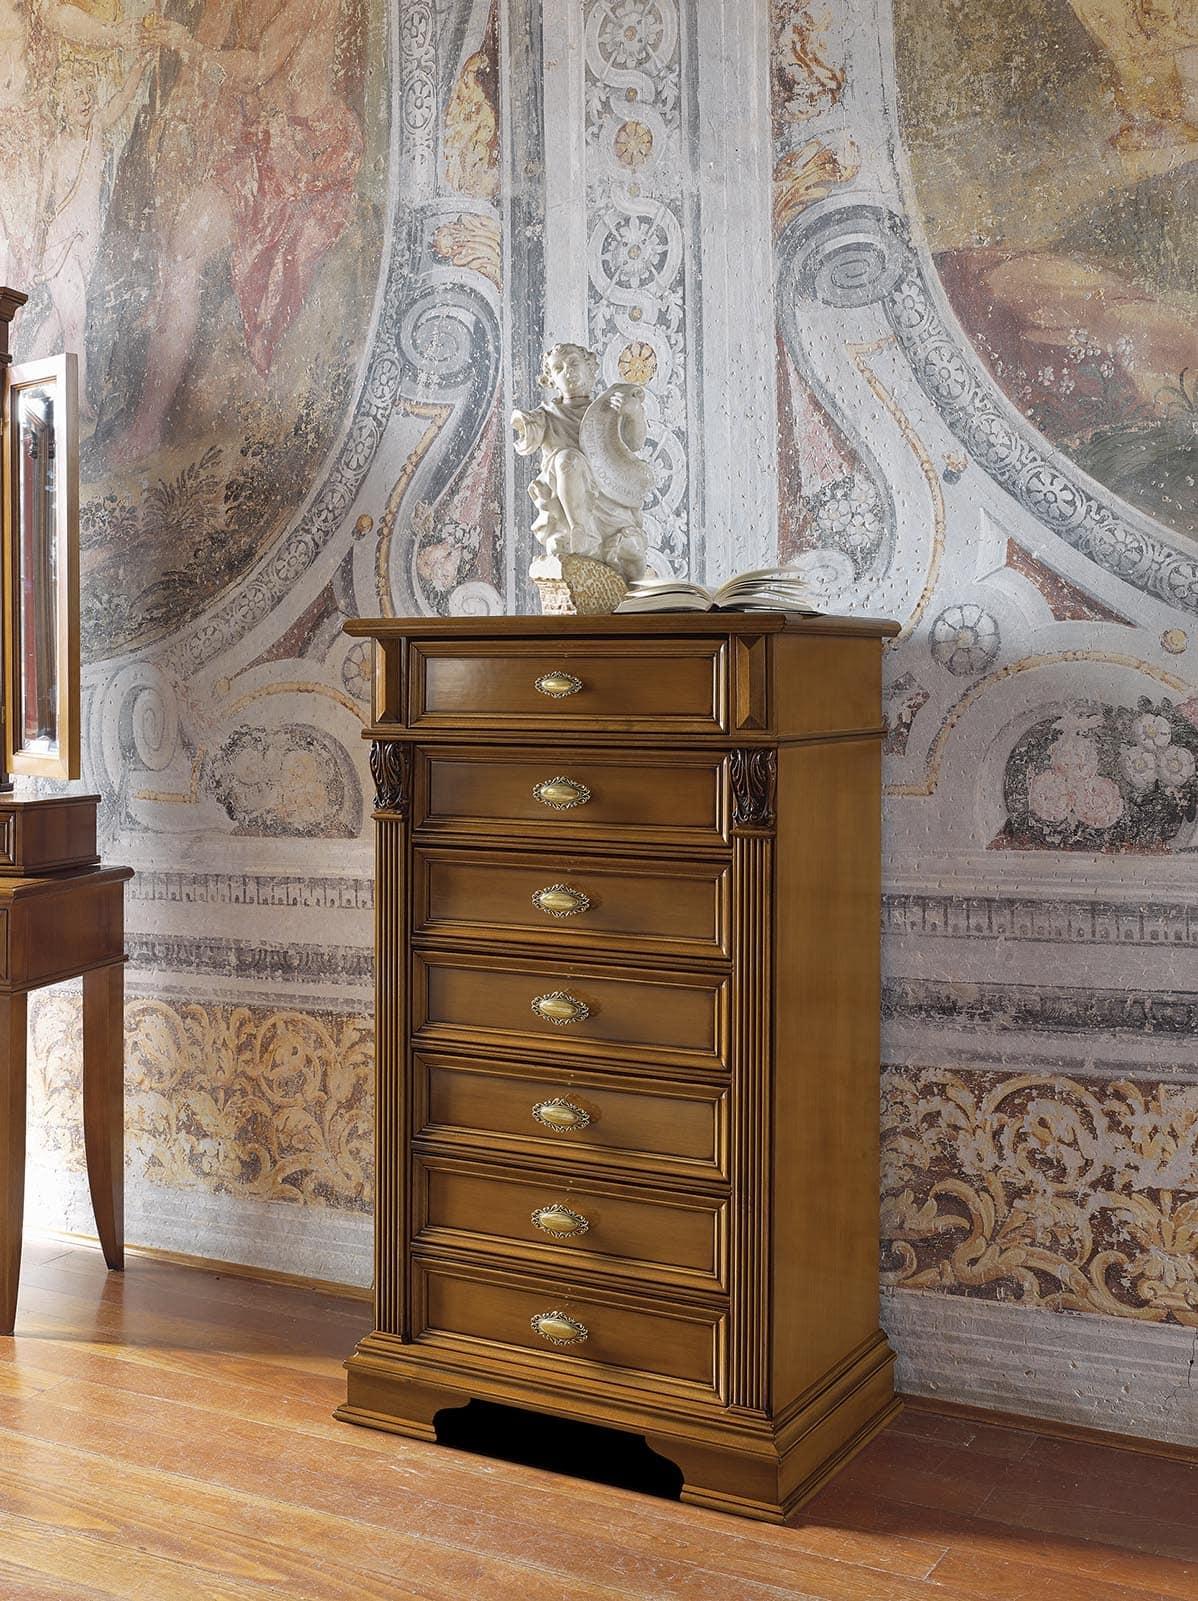 Settimino in legno in stile classico per camere da letto - Camere da letto stile classico ...